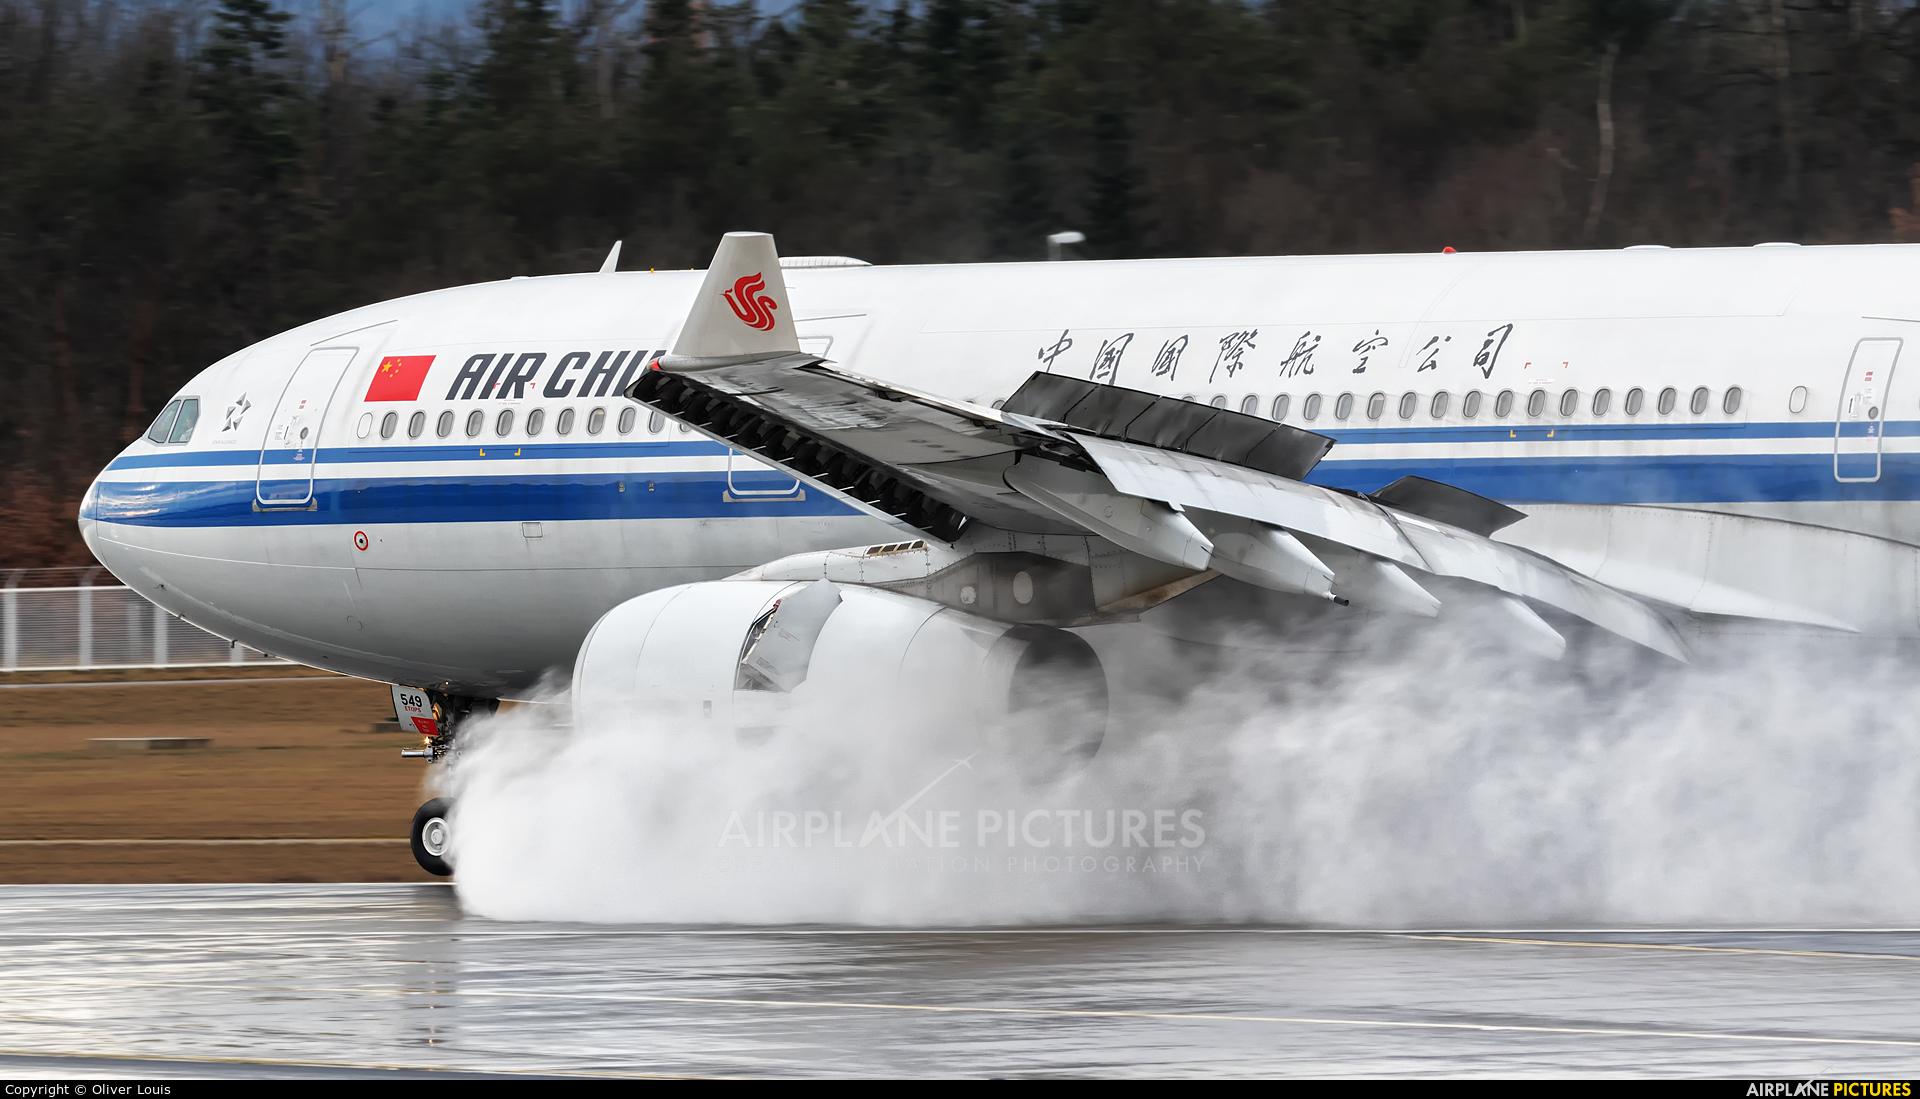 Air China B-6549 aircraft at Frankfurt